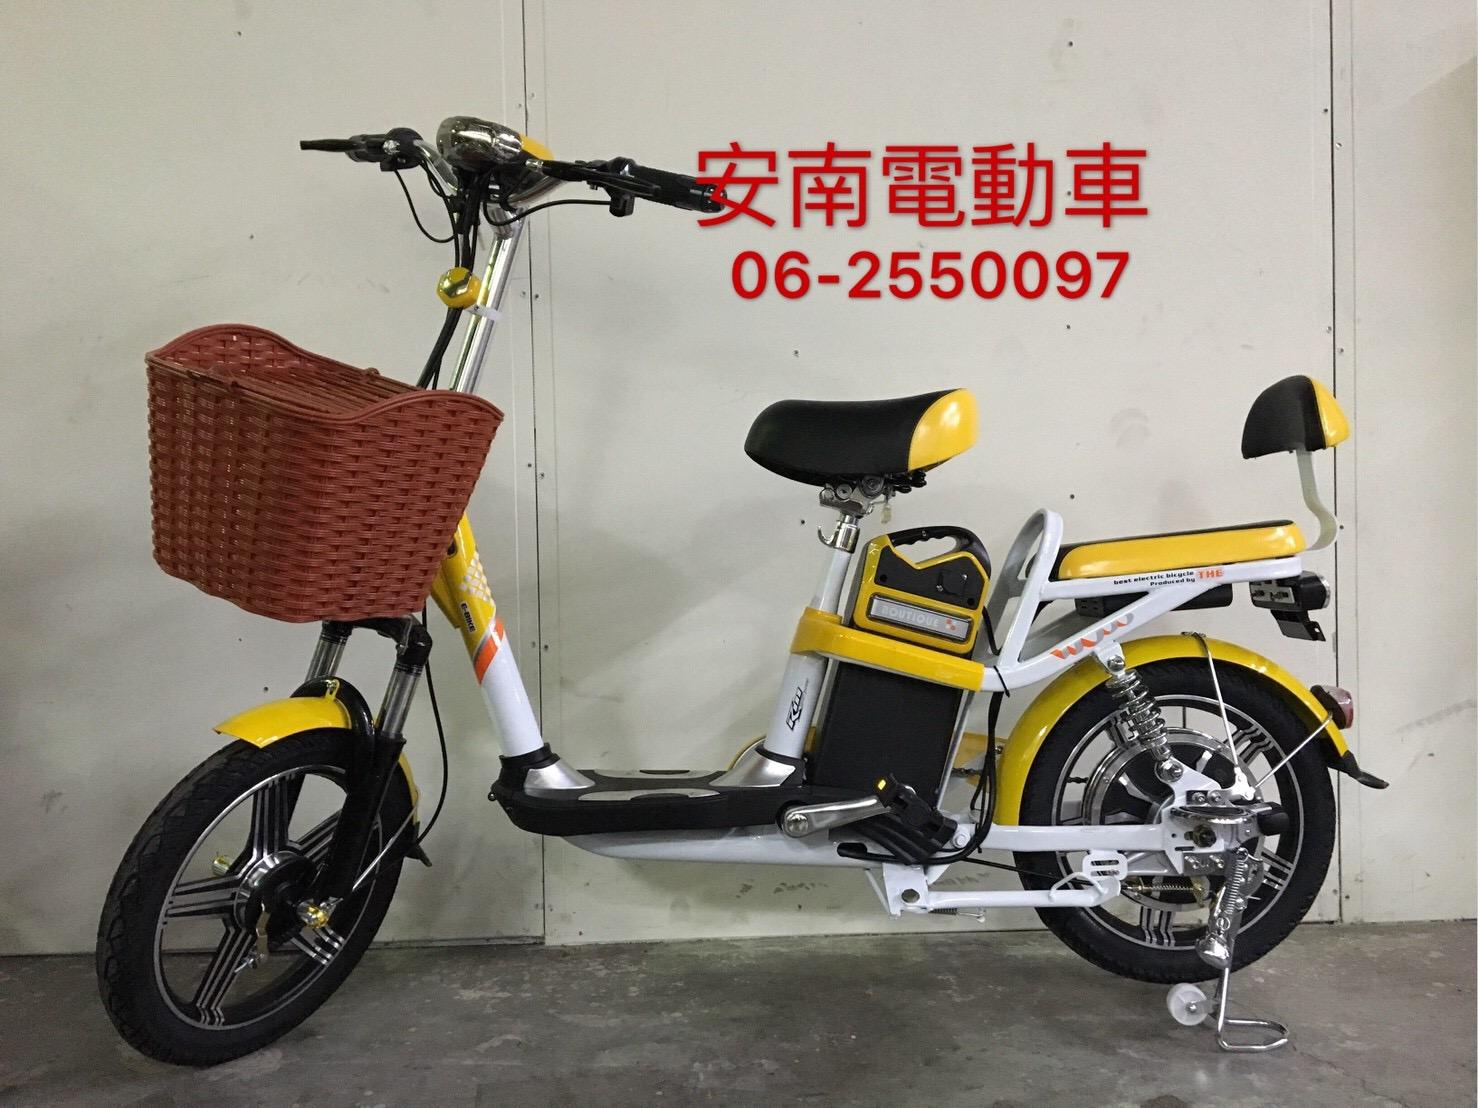 【安南電動車業】臺南電動車-臺南電動機車代步車-電動自行車腳踏車-四輪電動車-老人電動車-電動輪椅: ABT1